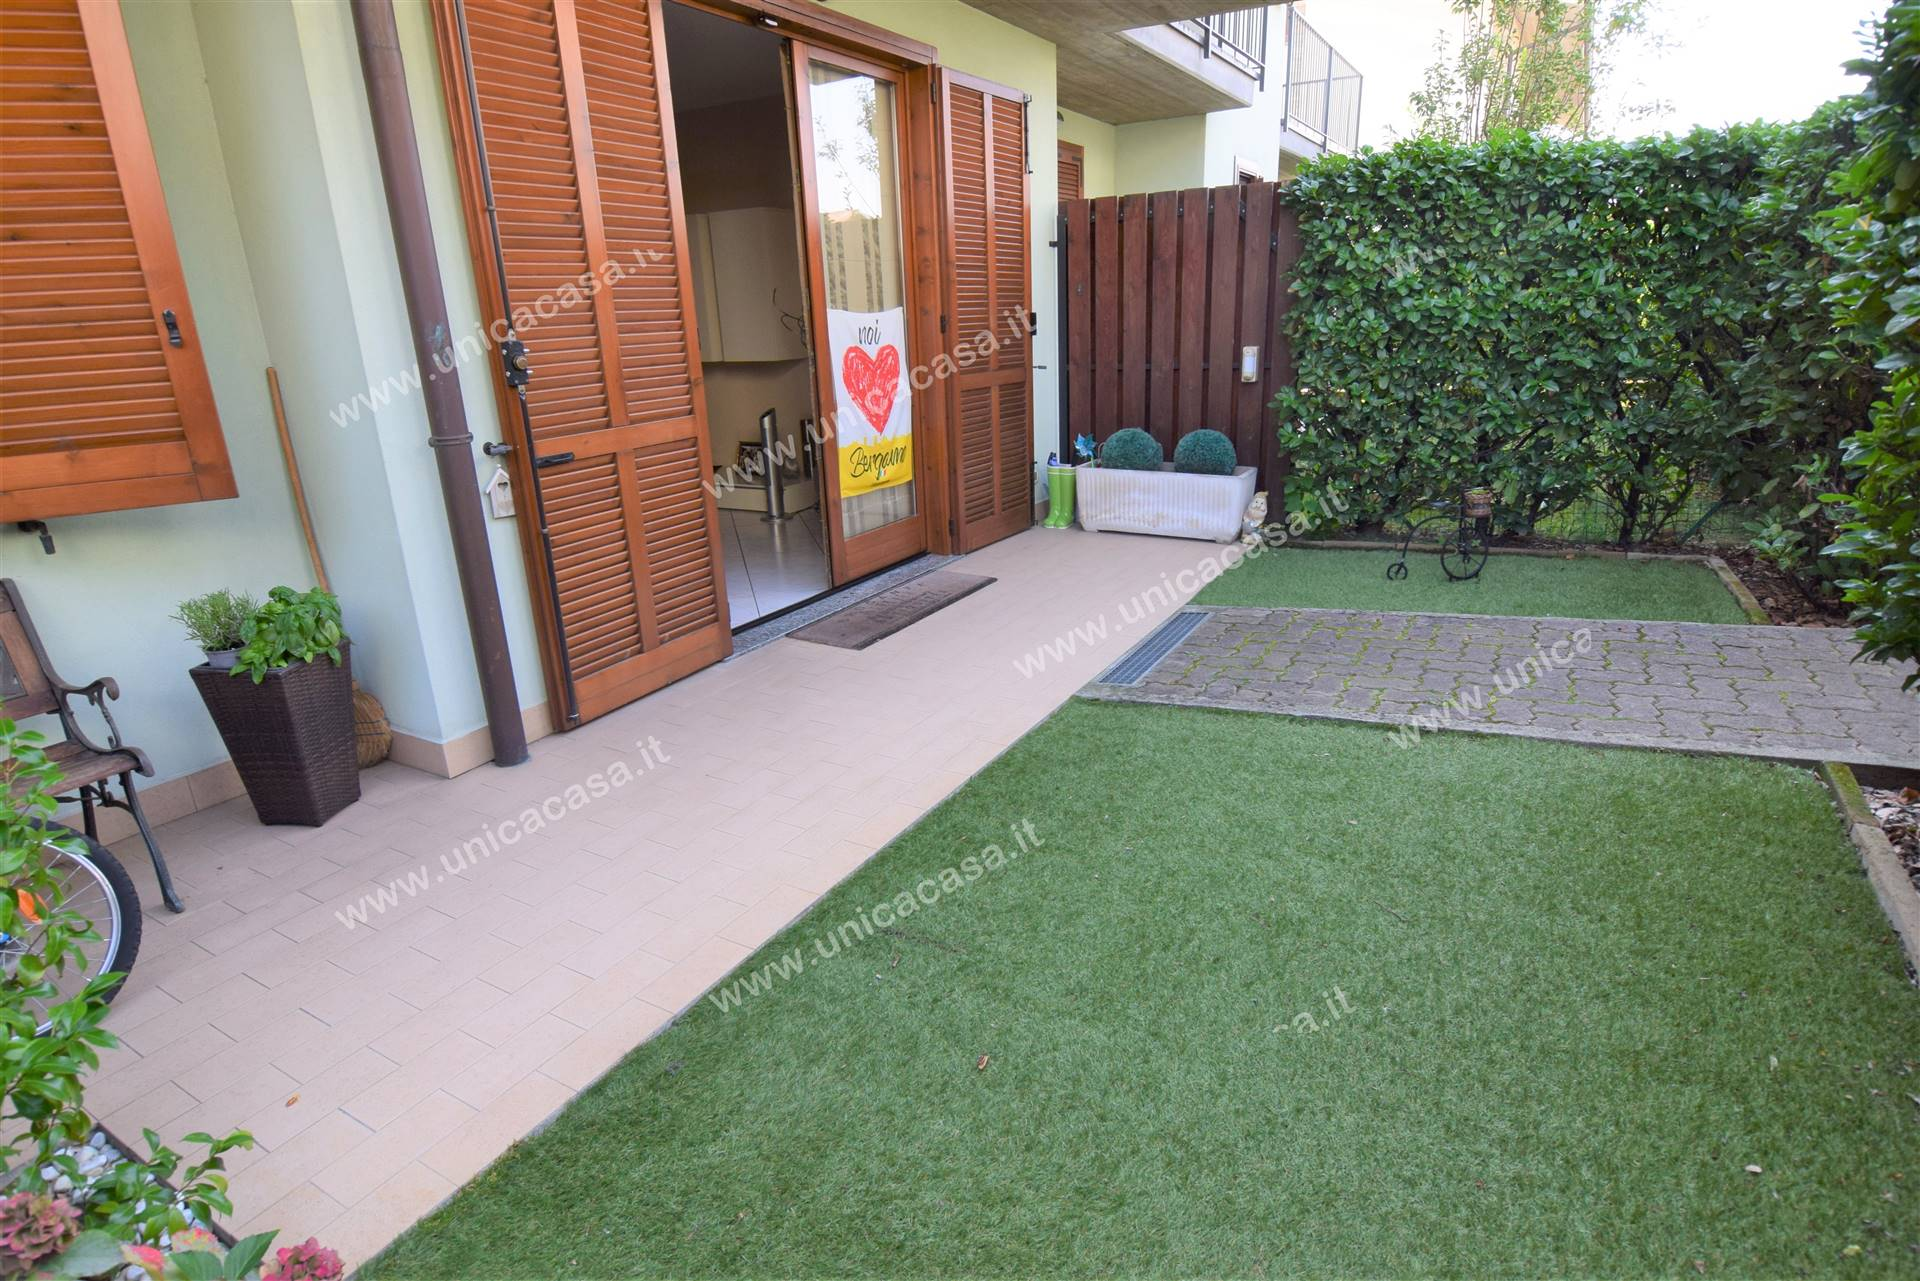 Appartamento in vendita a Comun Nuovo, 3 locali, prezzo € 148.000   CambioCasa.it